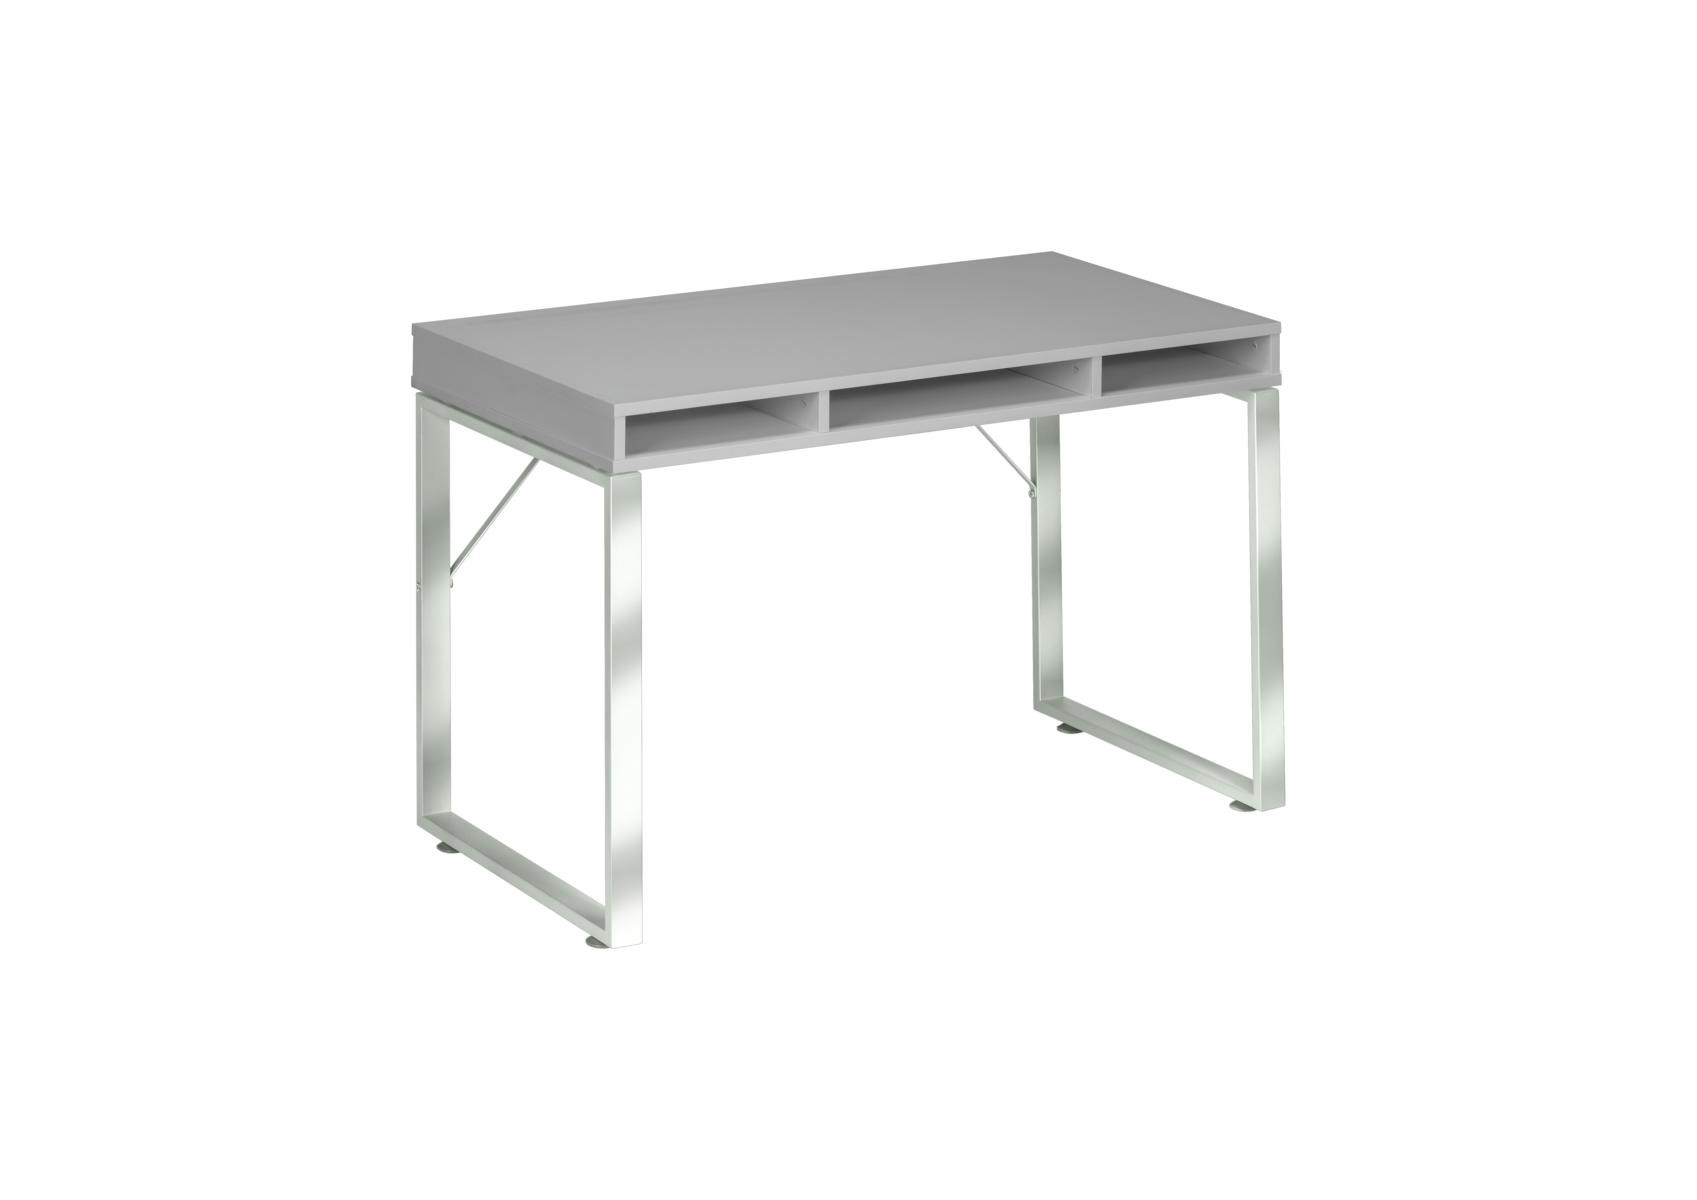 Schreibtisch Computertisch Modmj188 Metall Chrom Platingrau